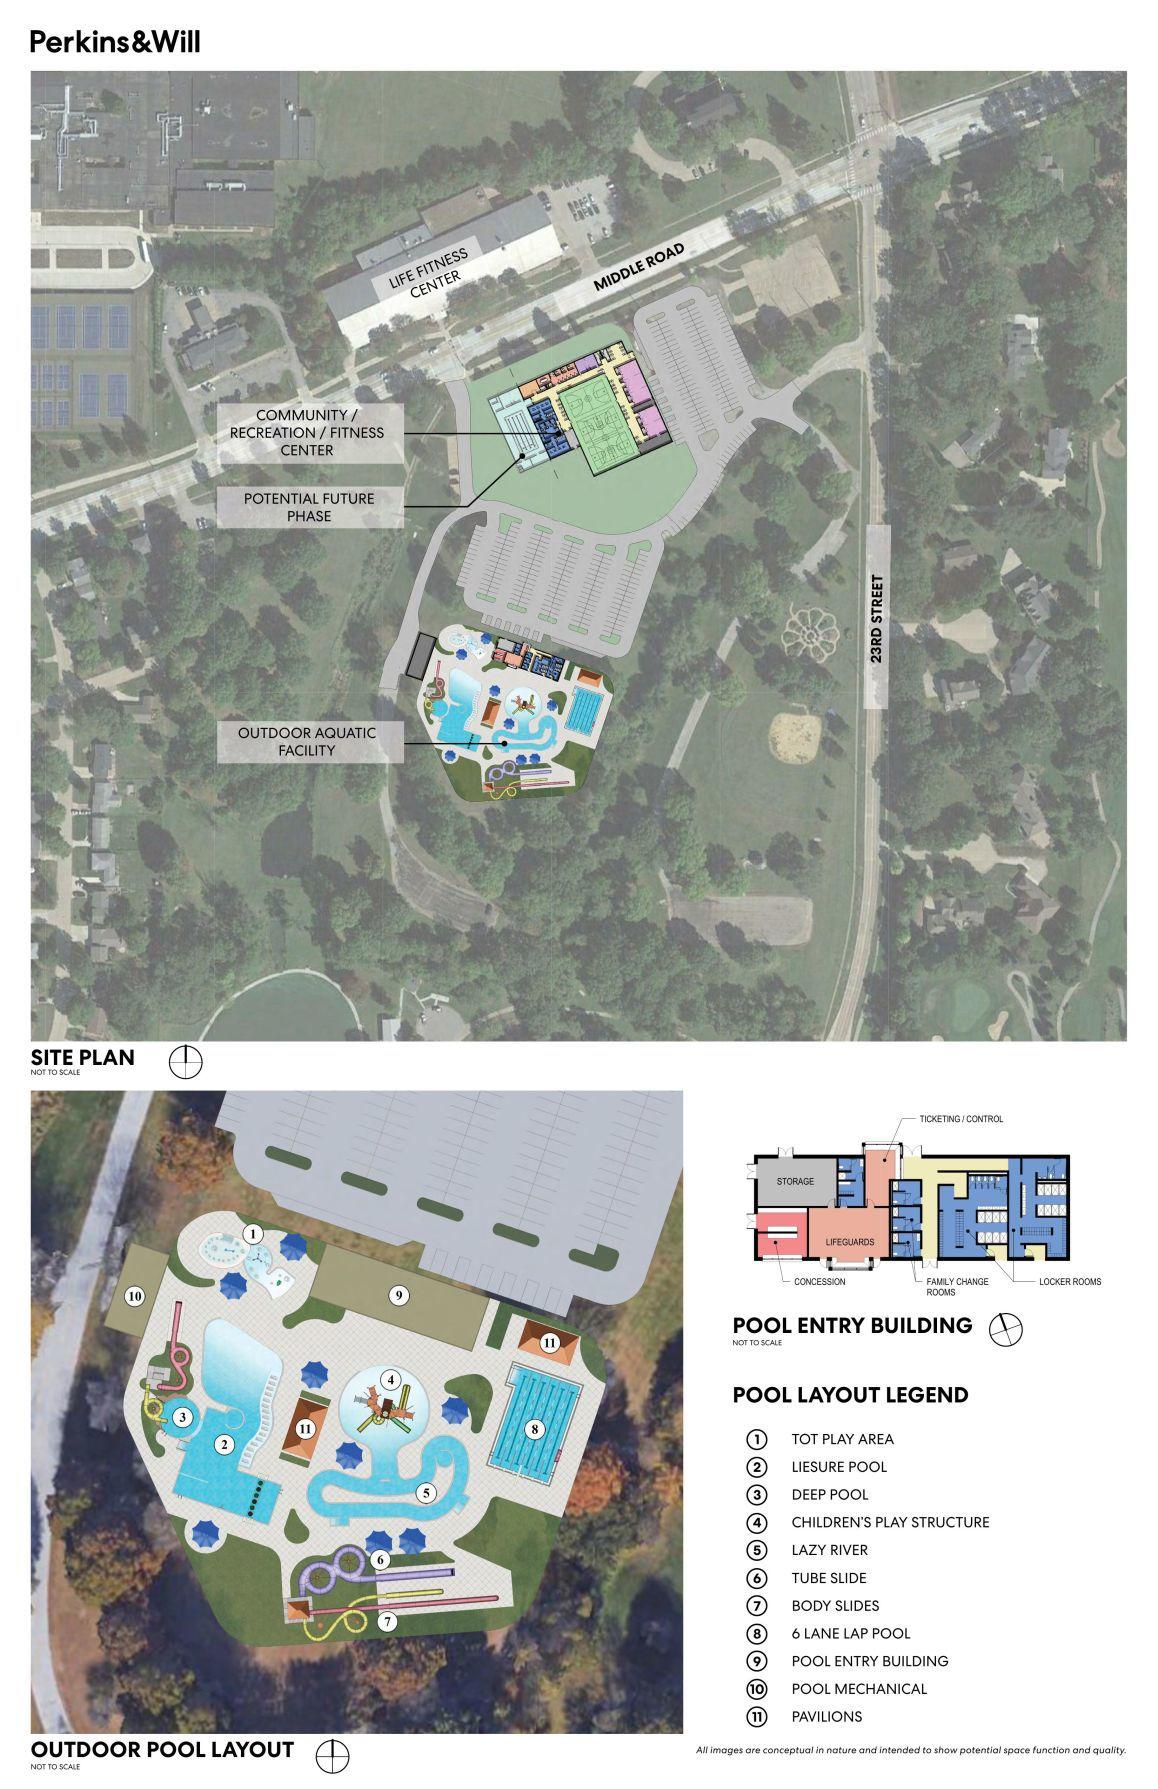 Bettendorf recreational center plans